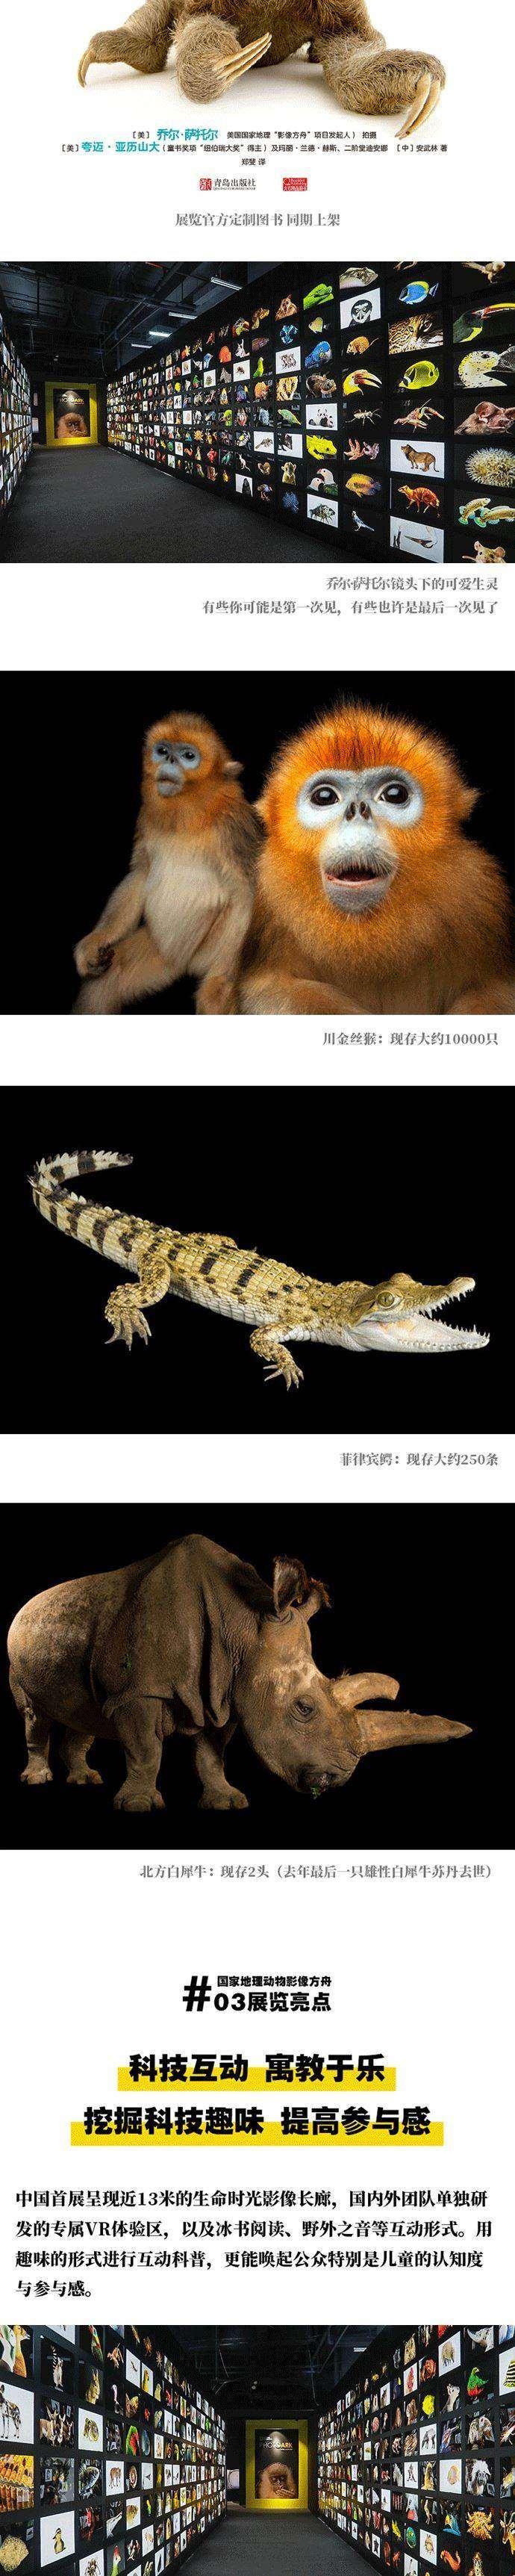 网易华东×国家地理展活动页面_04.gif